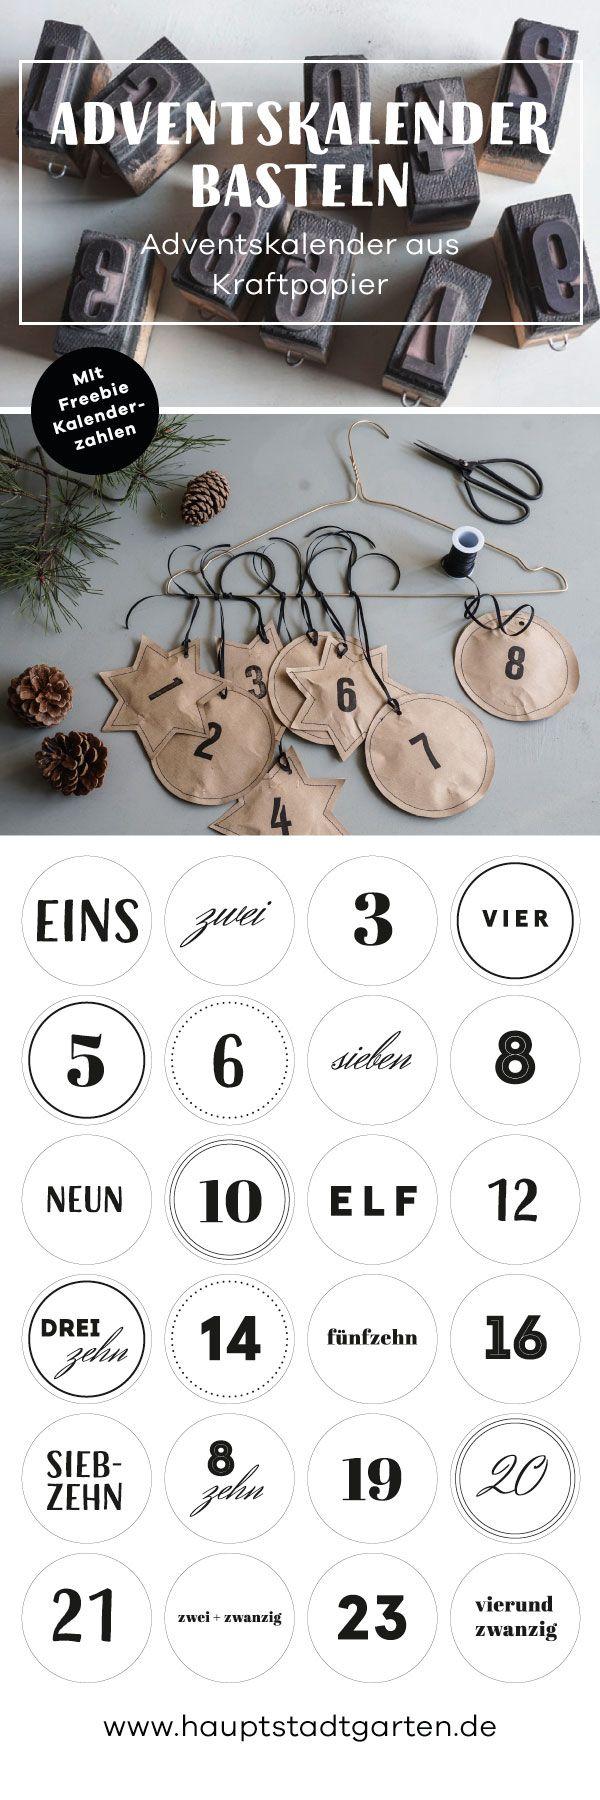 Adventskalender für Kinder und für Erwachsene zum selber basteln aus Packpapier und Upcycling eines alten Kleiderbügels. Adventskalenderzahlen als Freebie.